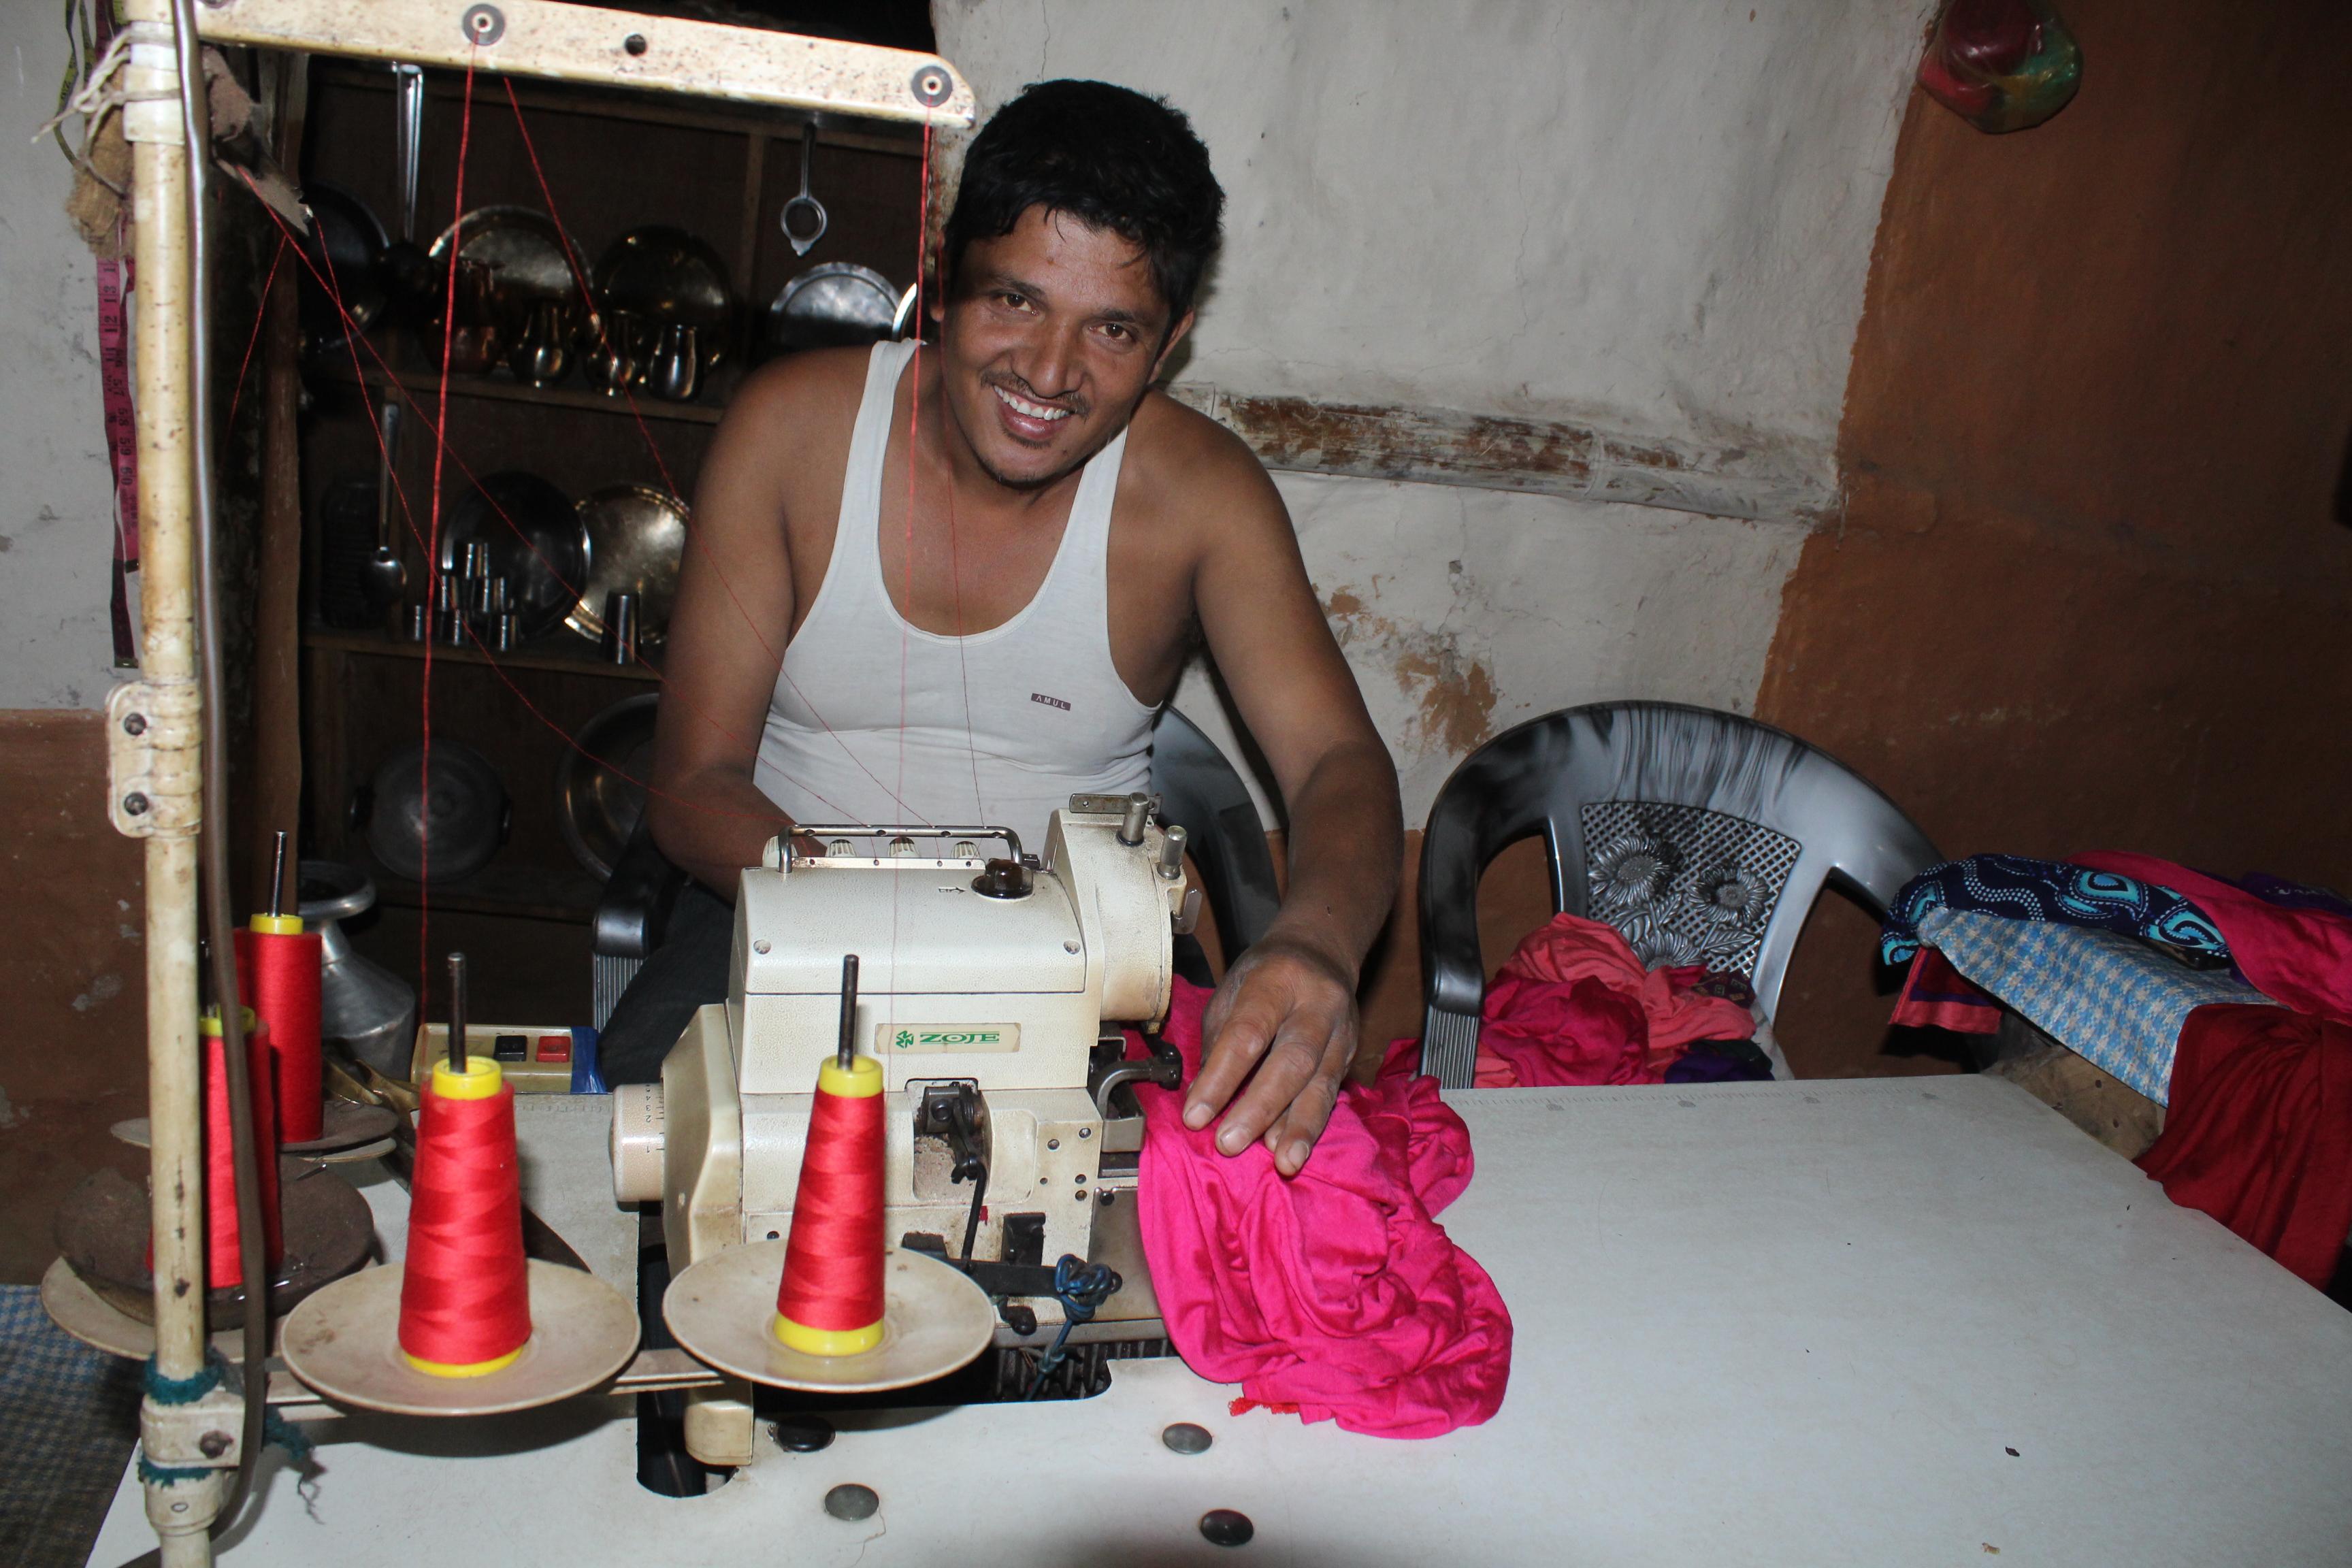 पूर्वखोलामा तयारी कपडा उद्योग सञ्चालन